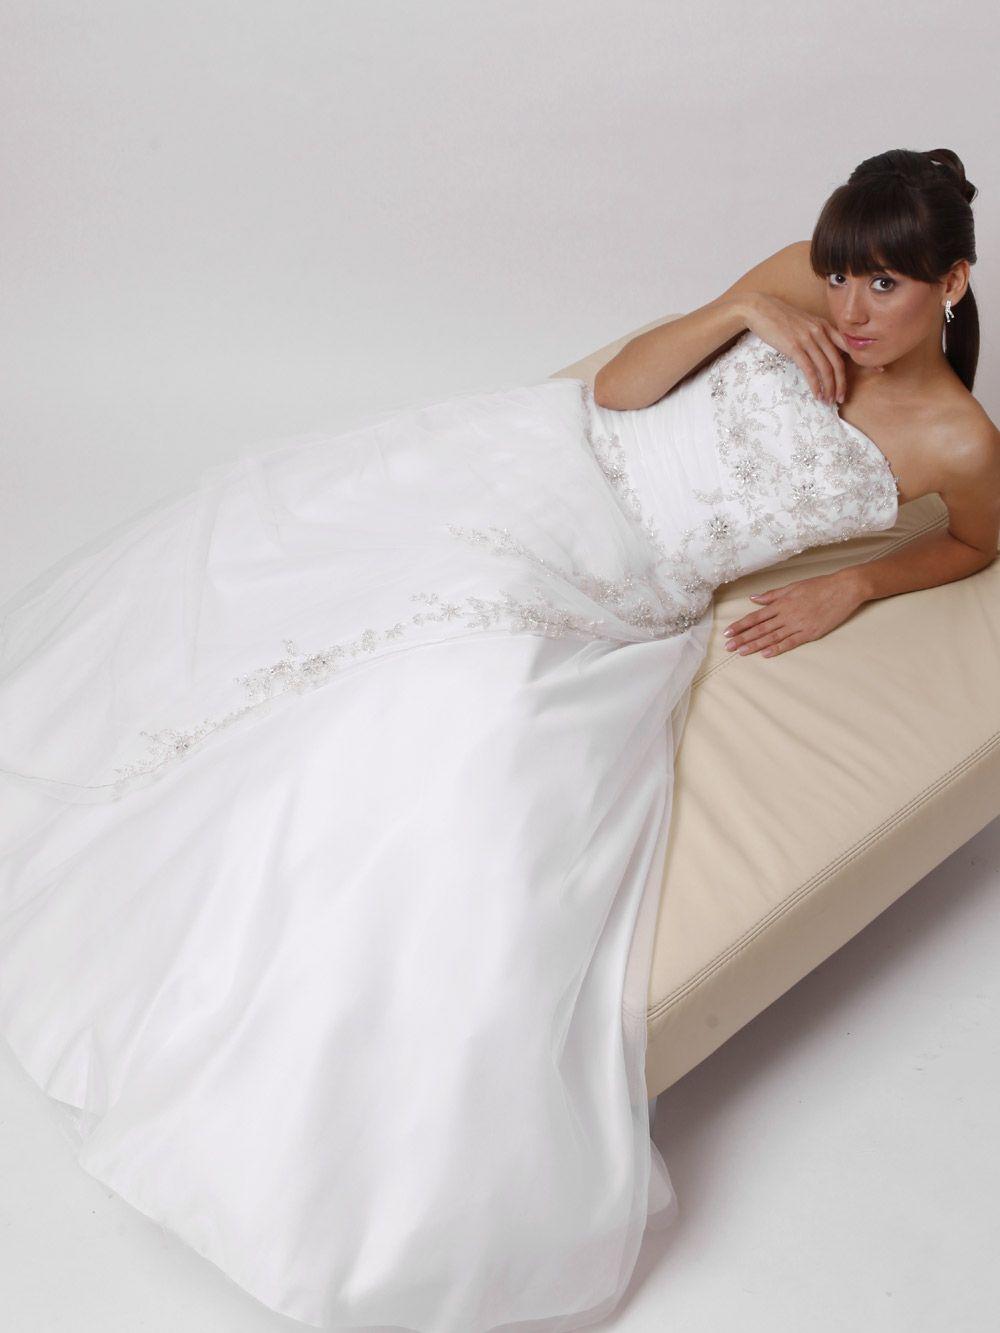 strass Hochzeitskleid | Hochzeitskleid Prinzessin Sissi für die ...